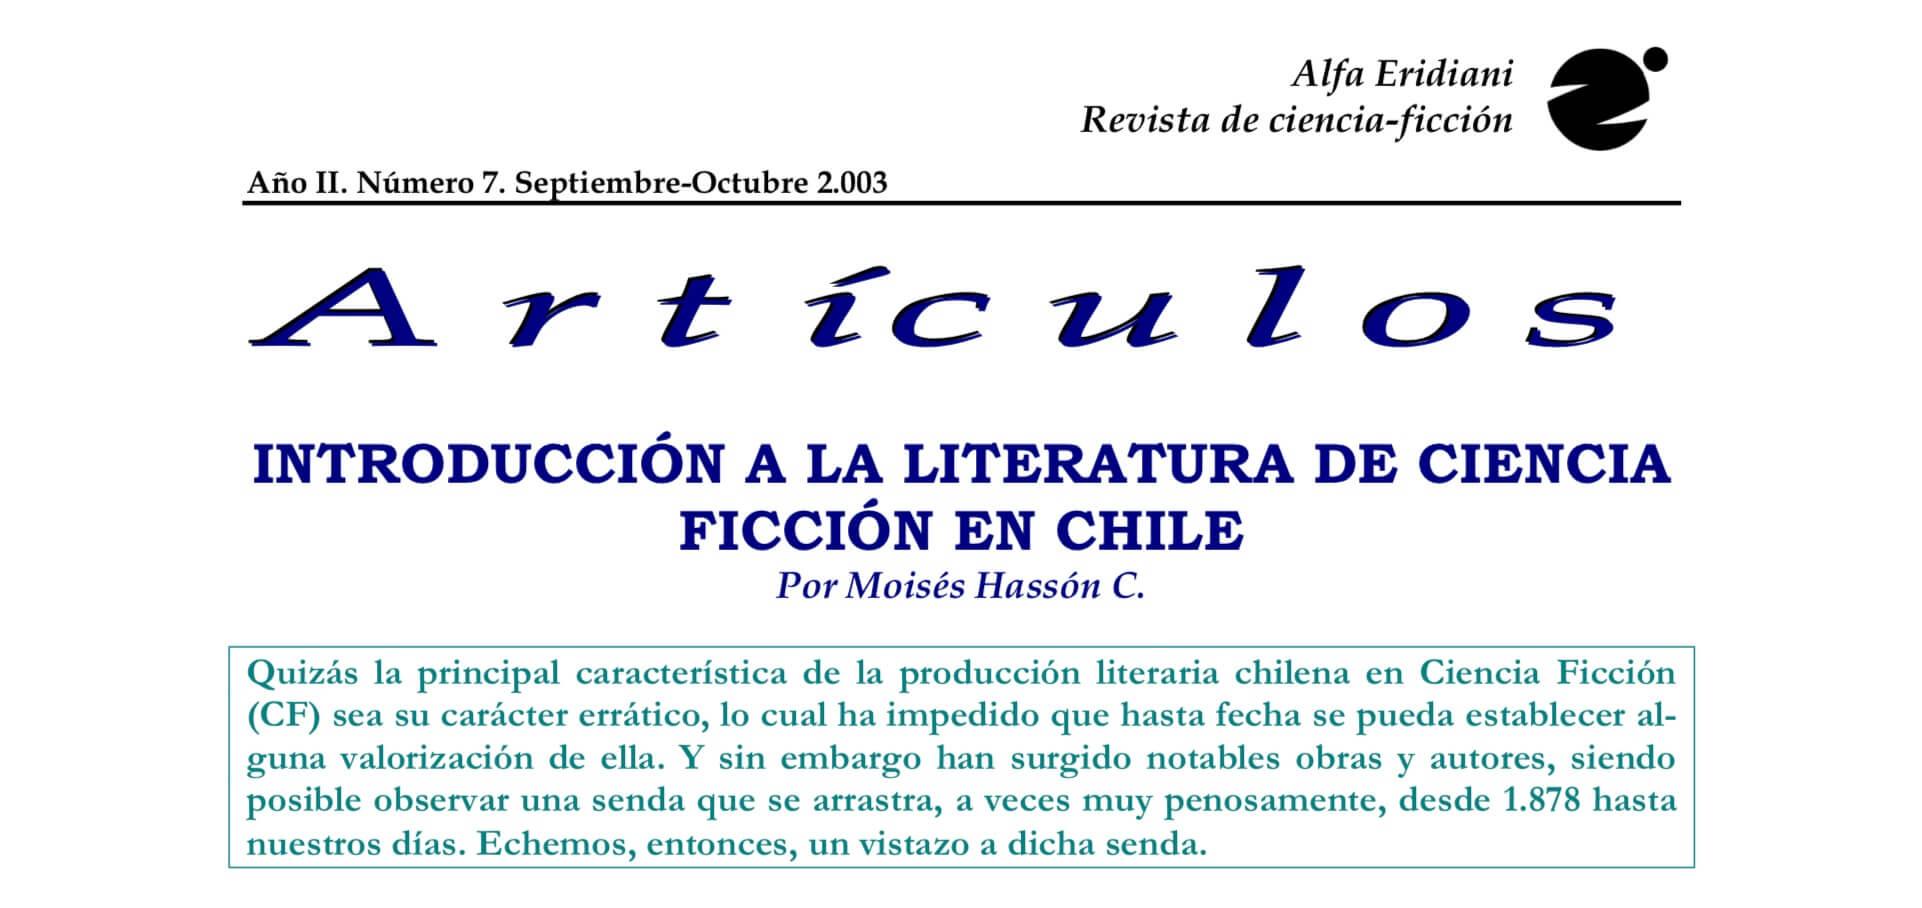 Introducción a la literatura de ciencia ficción en Chile